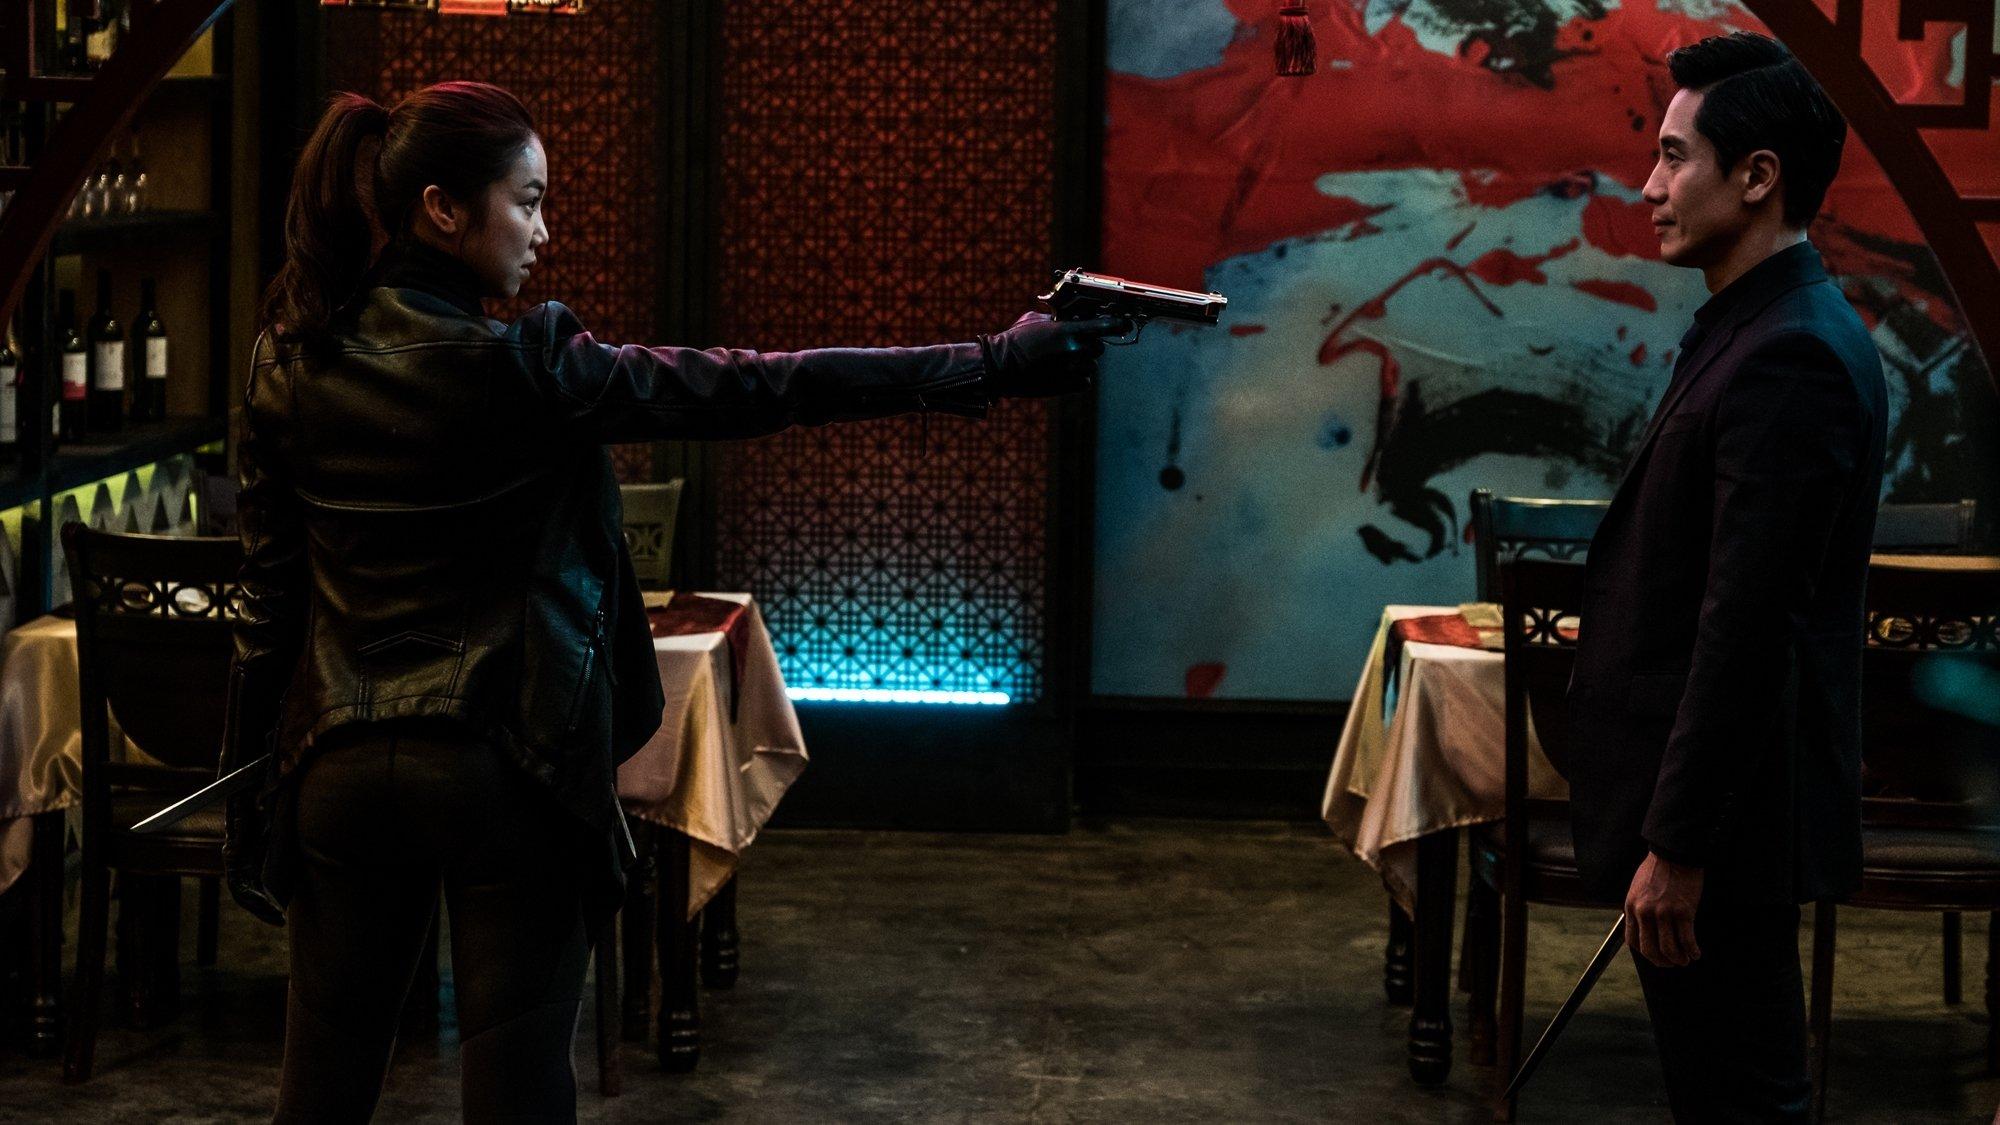 актеры захватывающий сюжет интересное кино режиссеры фильмы 2017